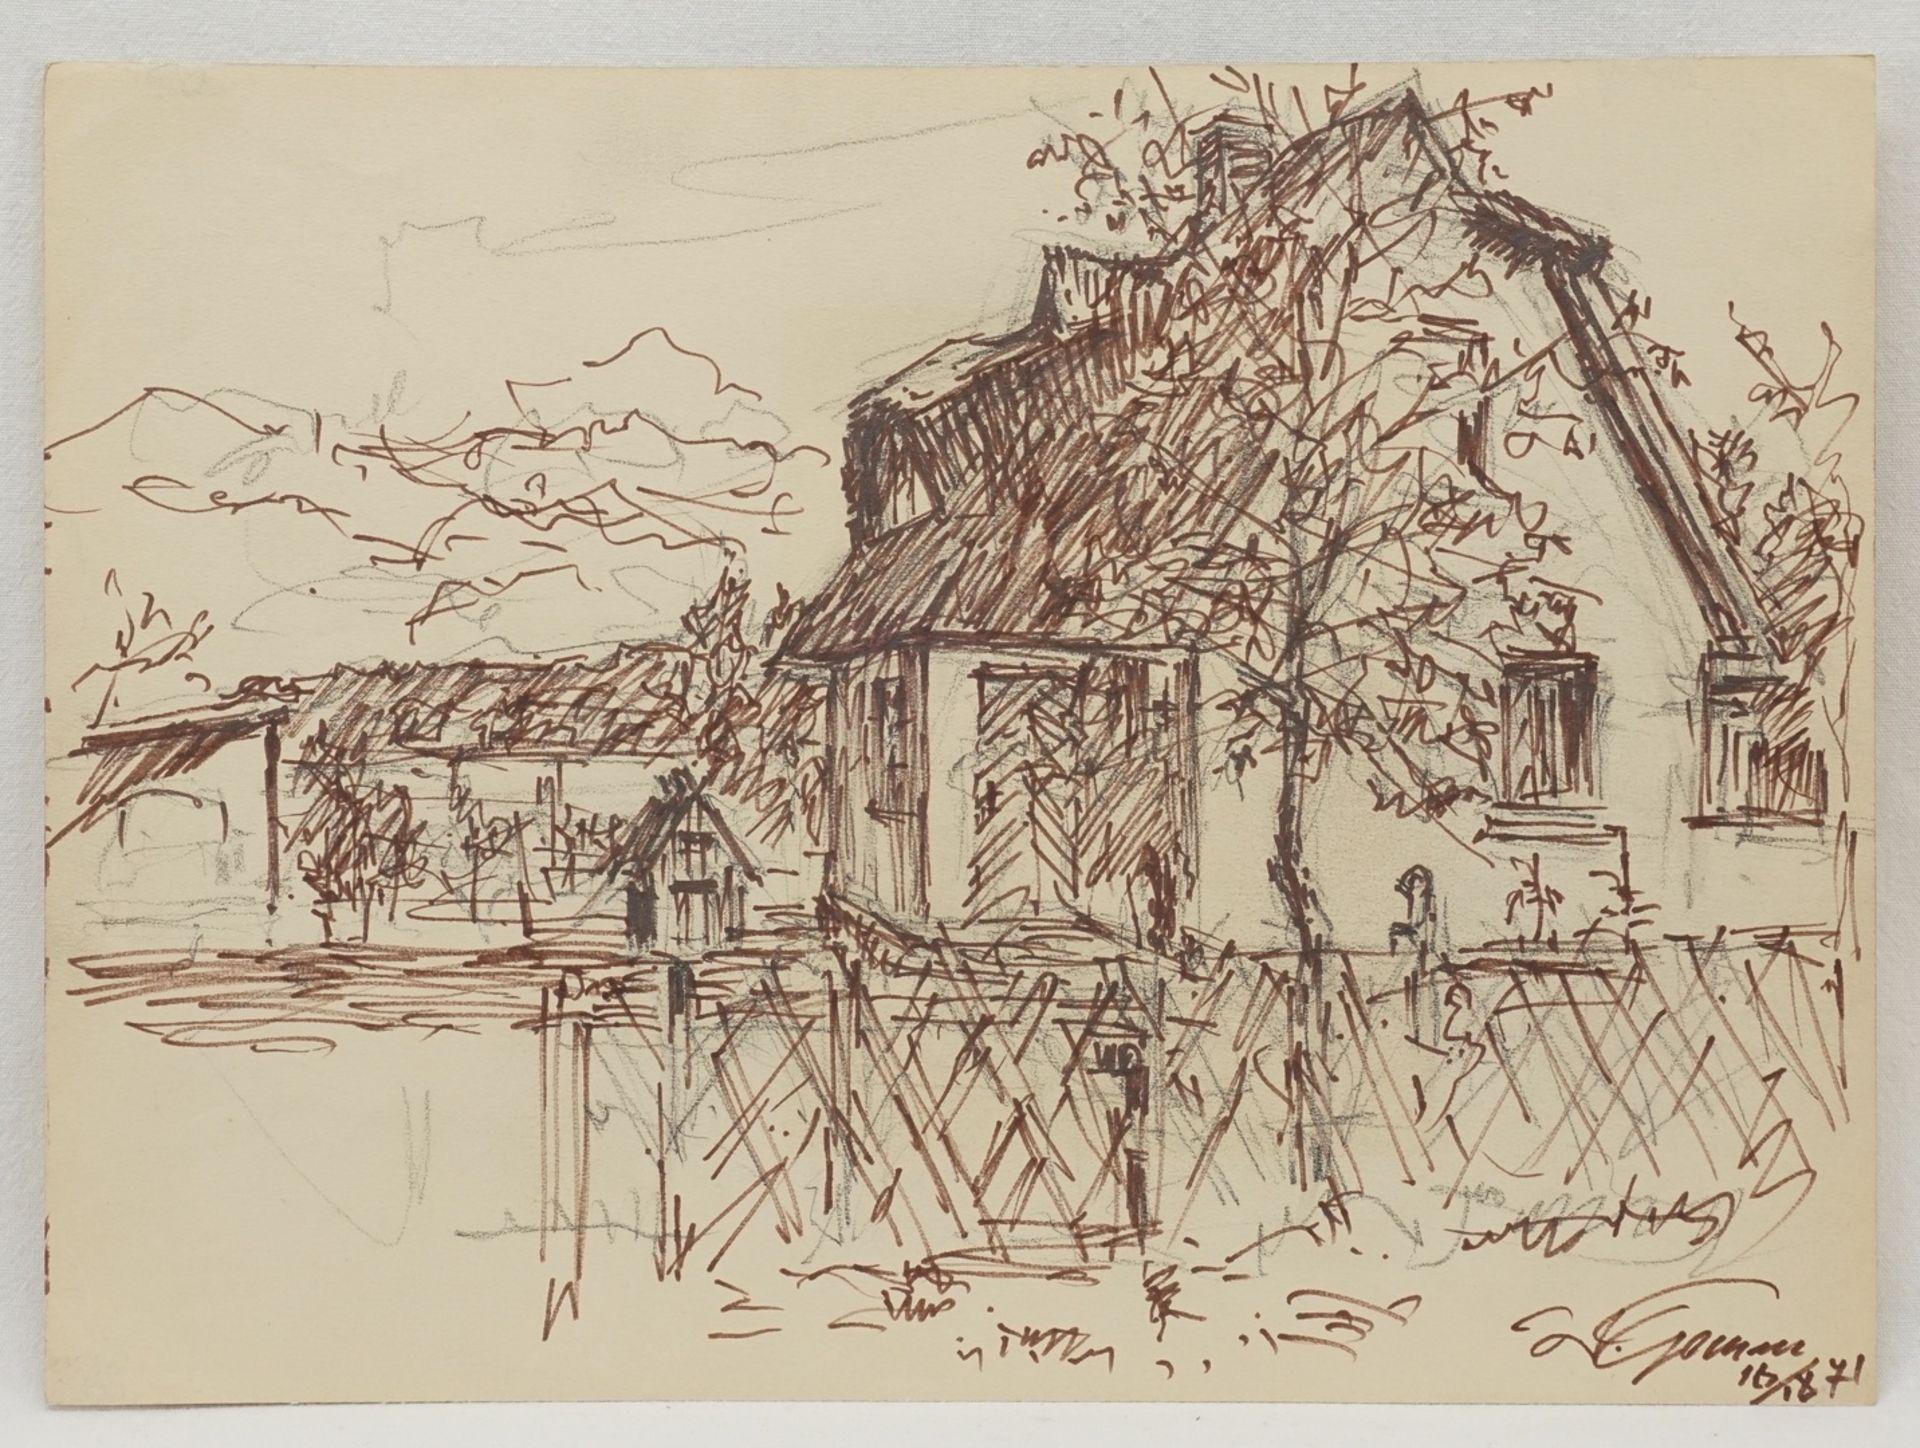 Walter Gemm, zwei Ortsbilder Dierhagen - Bild 3 aus 4